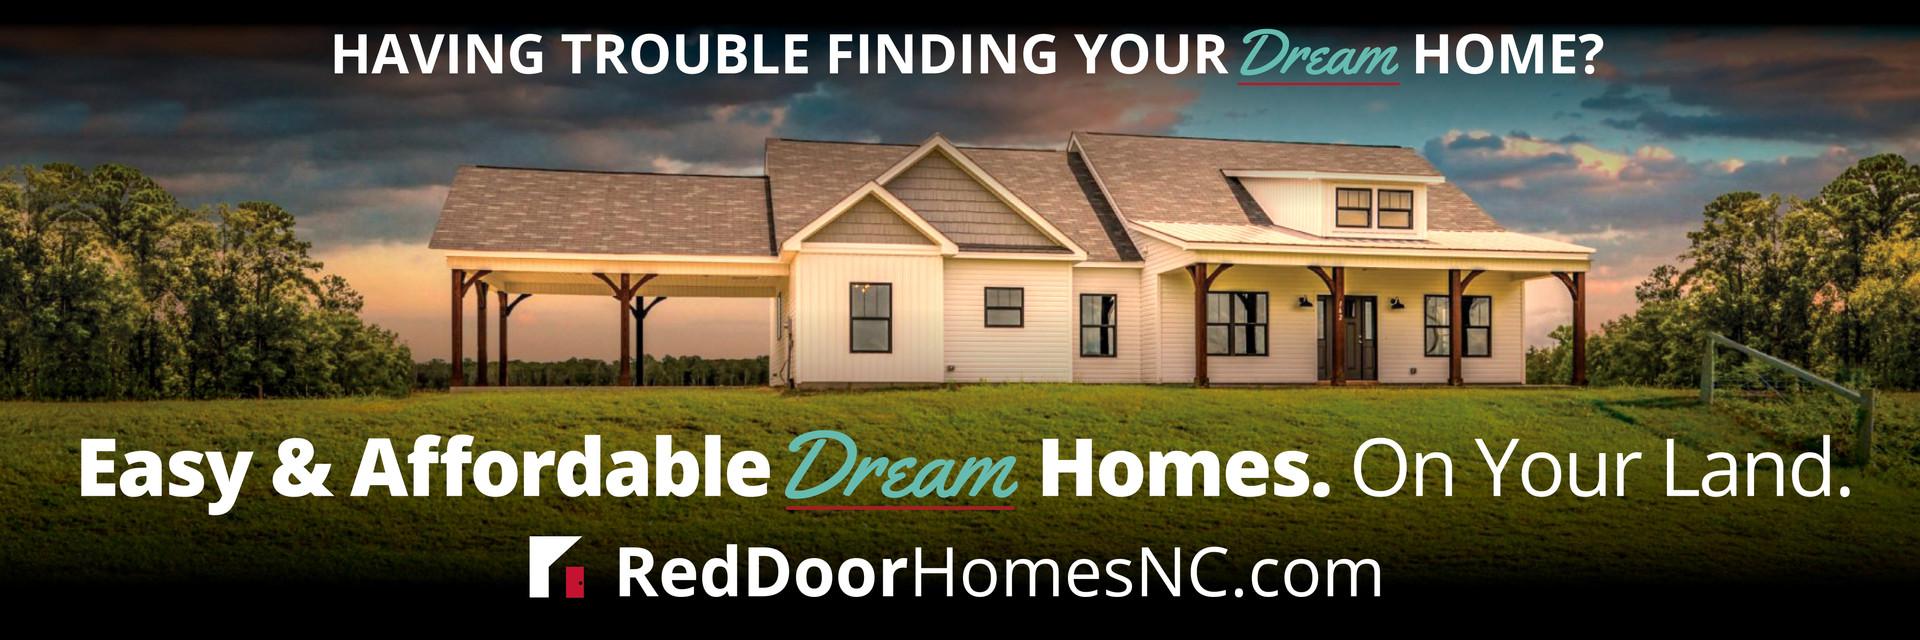 Red Door Homes.jpg